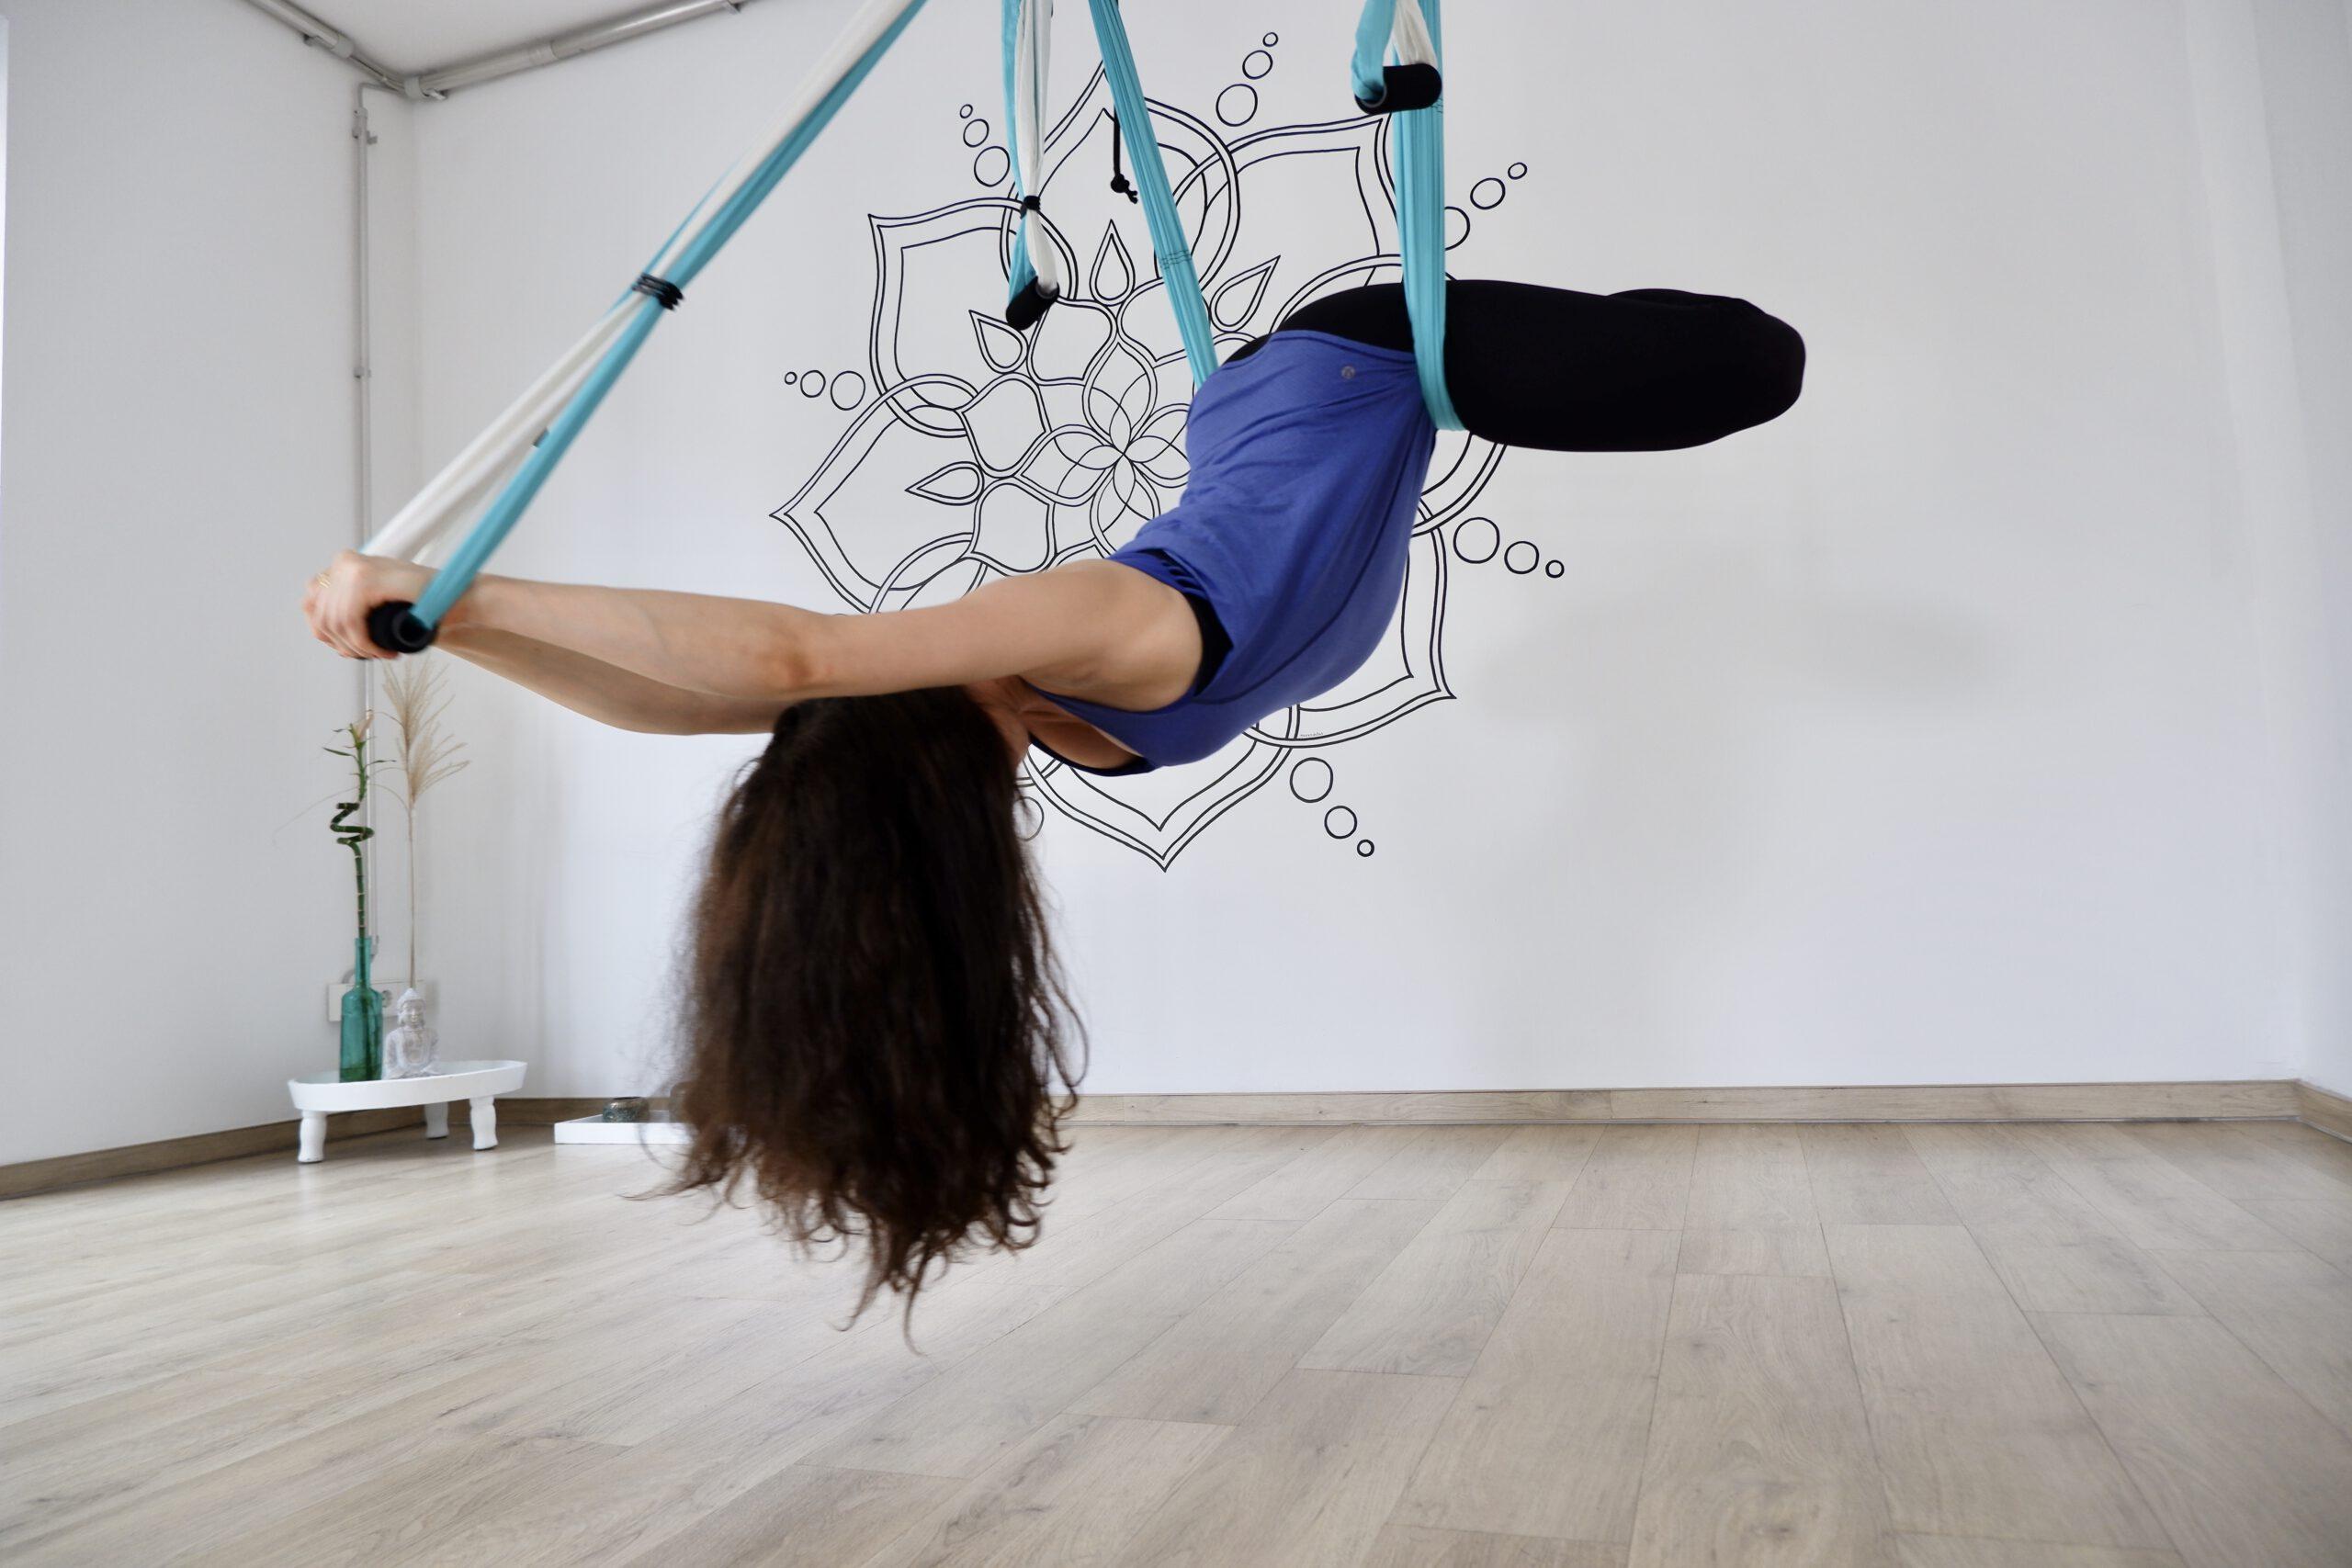 Air Yoga Position